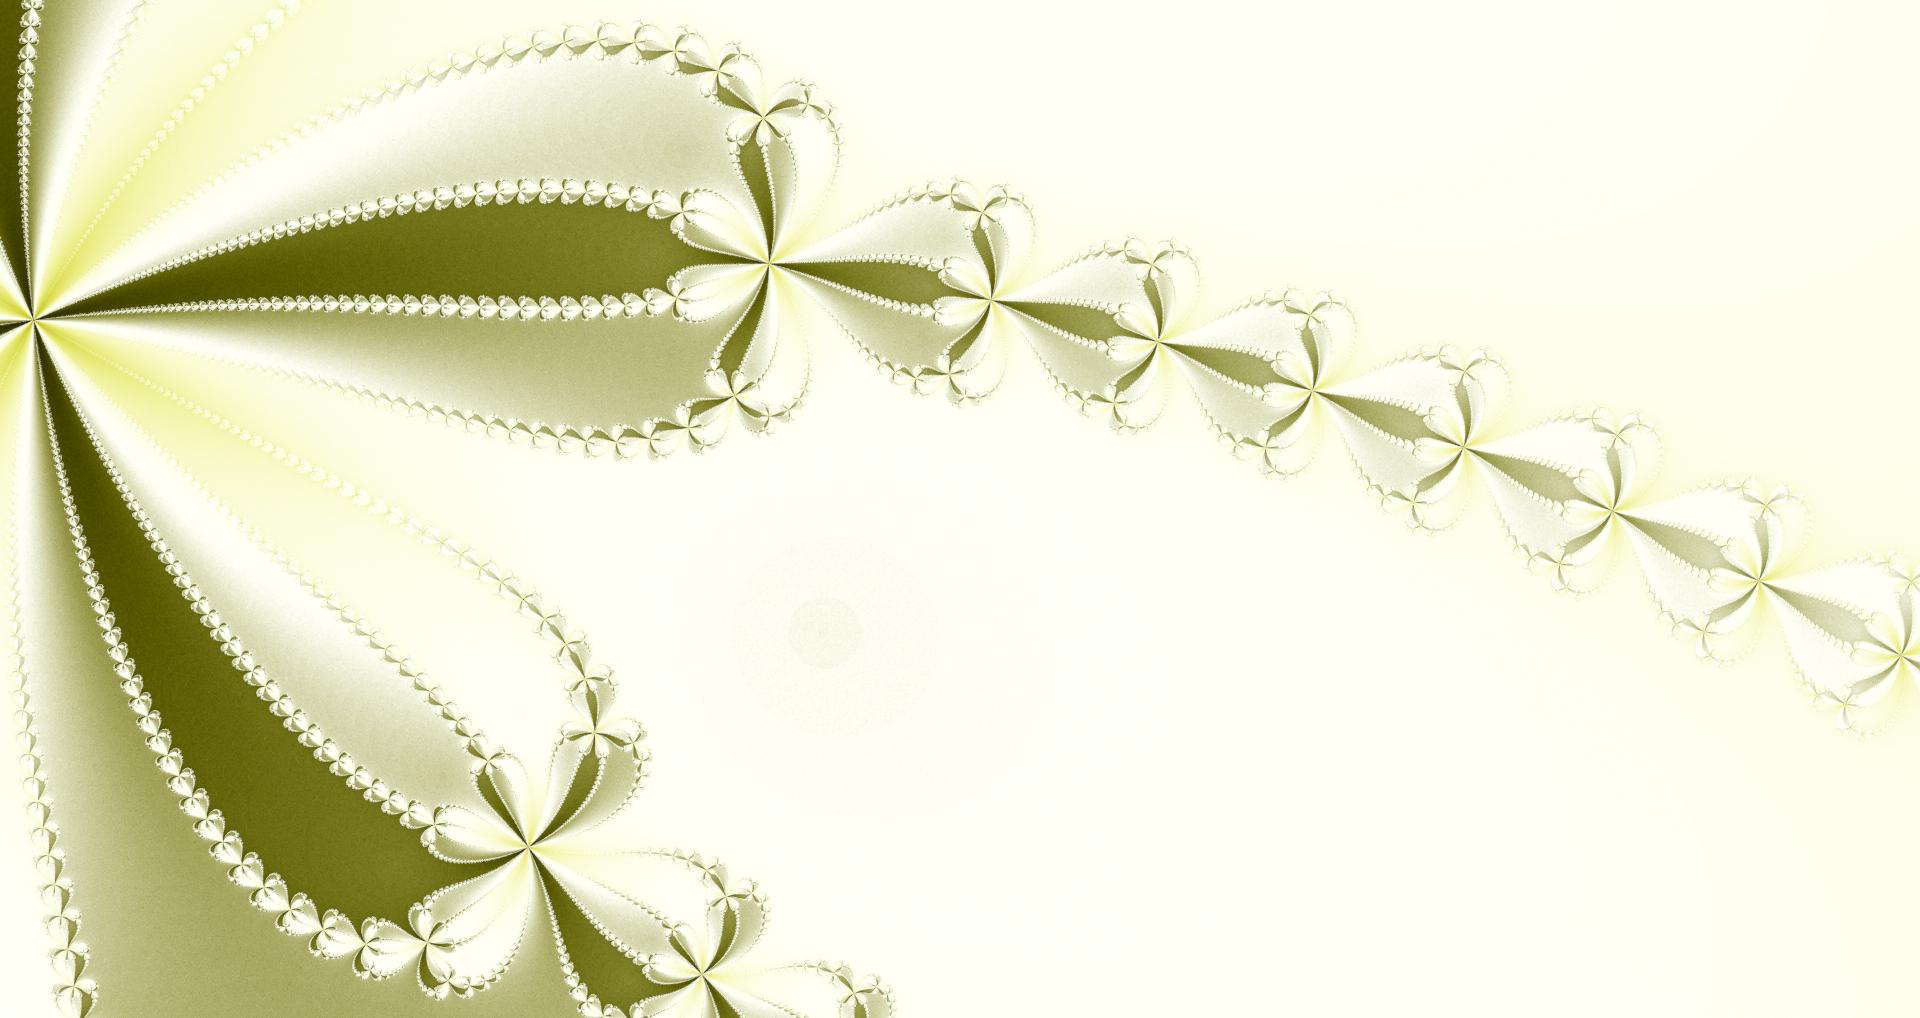 ・おしゃれ&きれいなレース風の壁紙素材:りんかくハッキリ・ゴールド